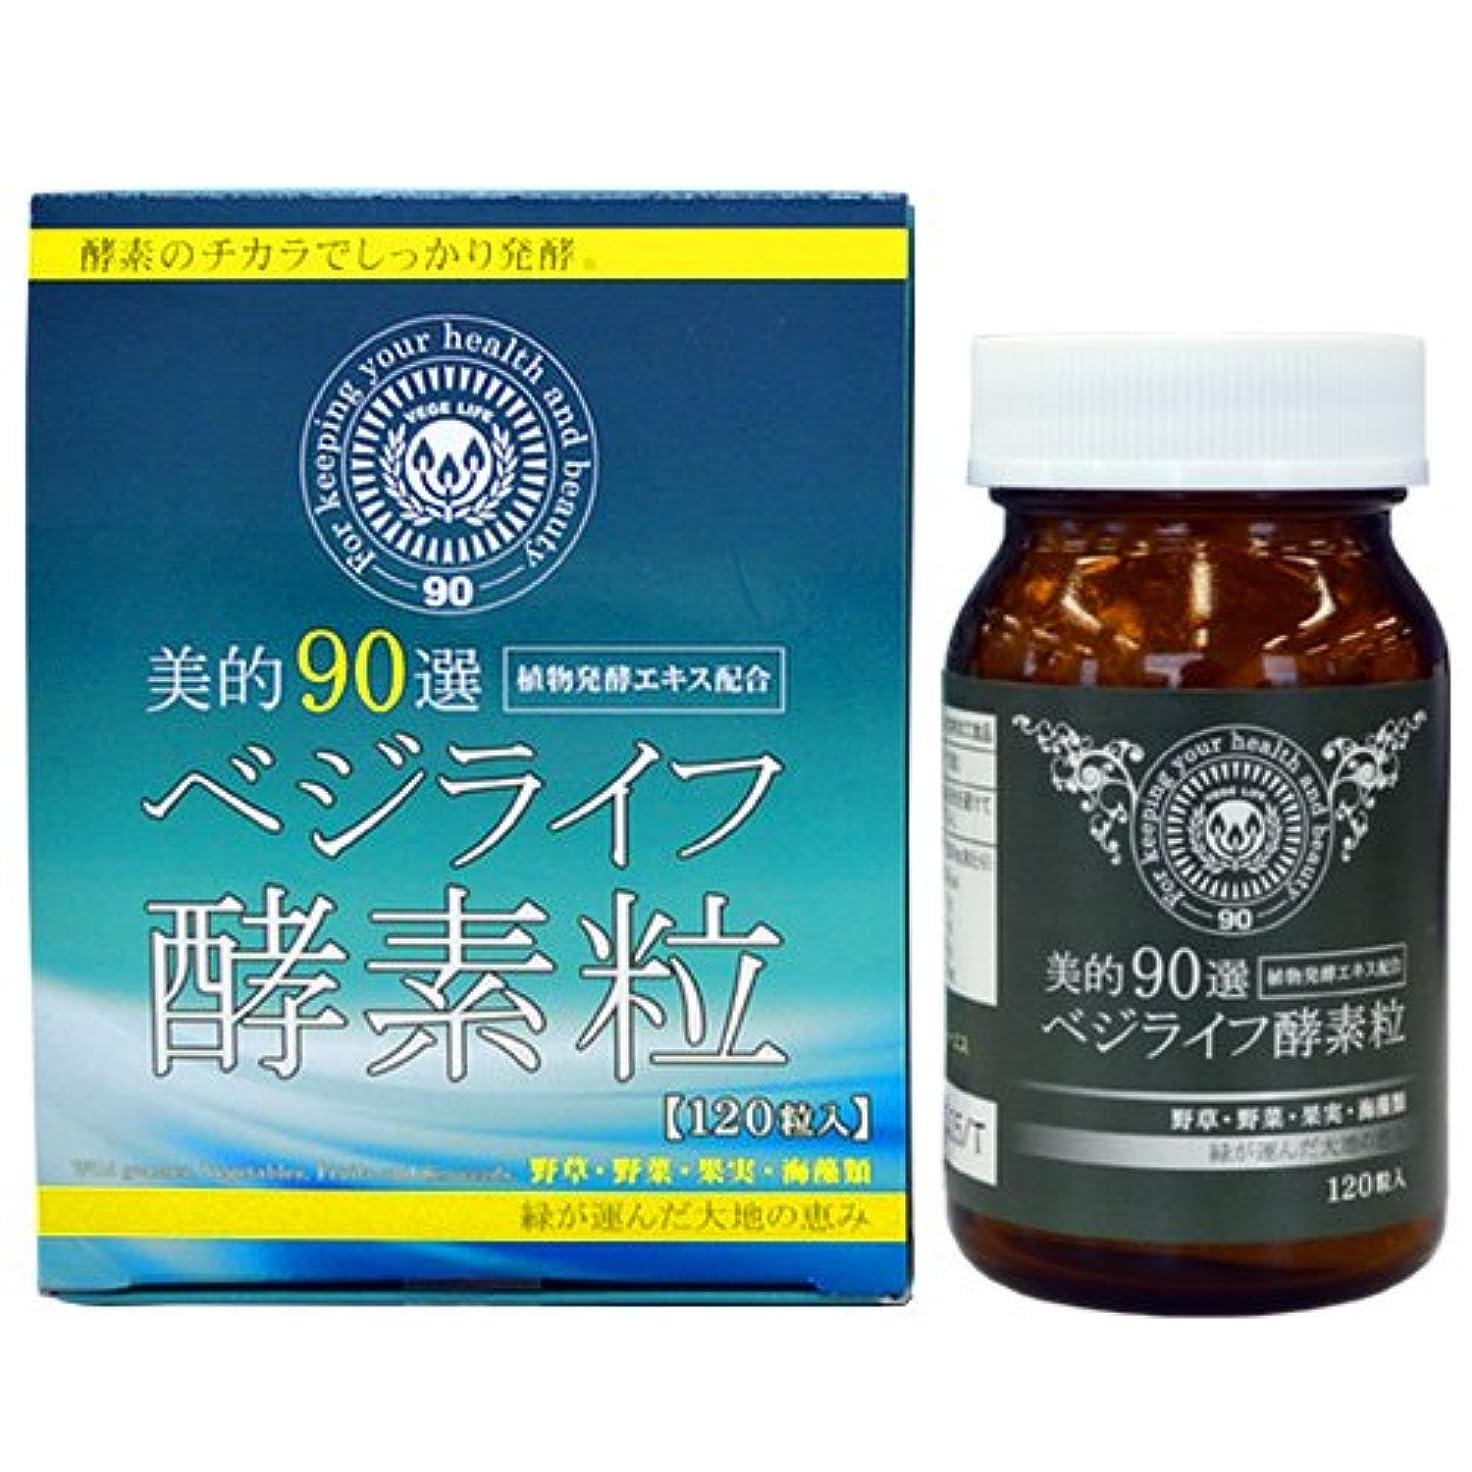 酸化するリビングルームピン植物発酵エキス配合 美的90選ベジライフ酵素粒(120粒入り)